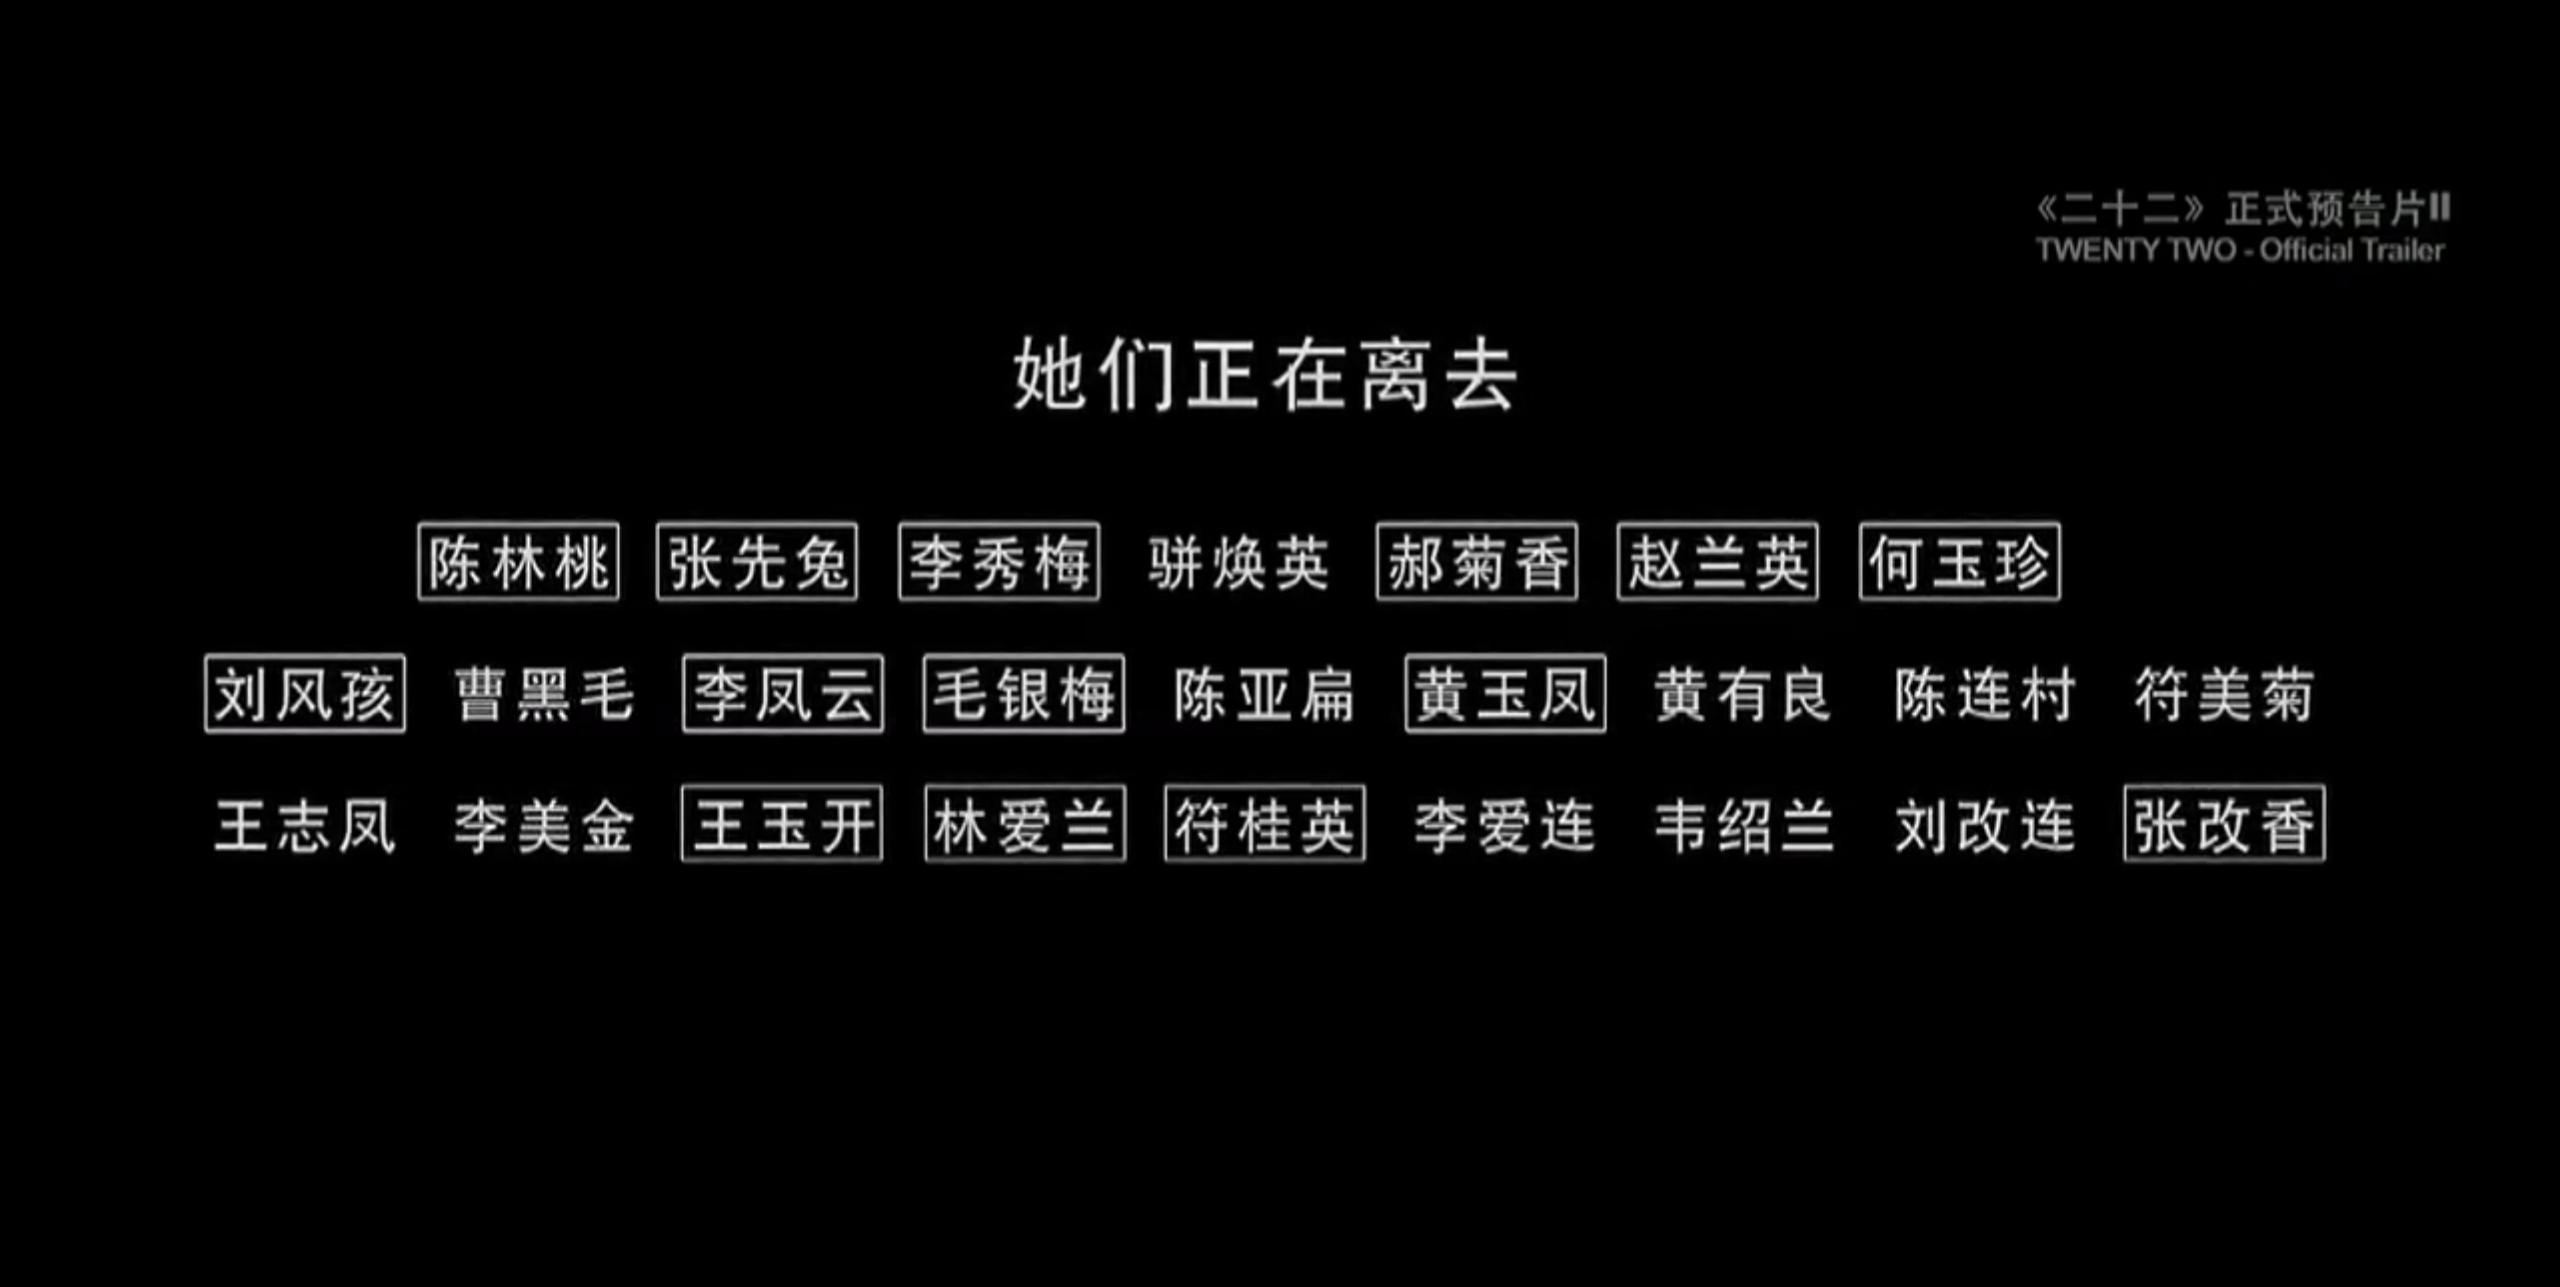 """《二十二》预告片中的""""慰安妇""""幸存受害者名单"""